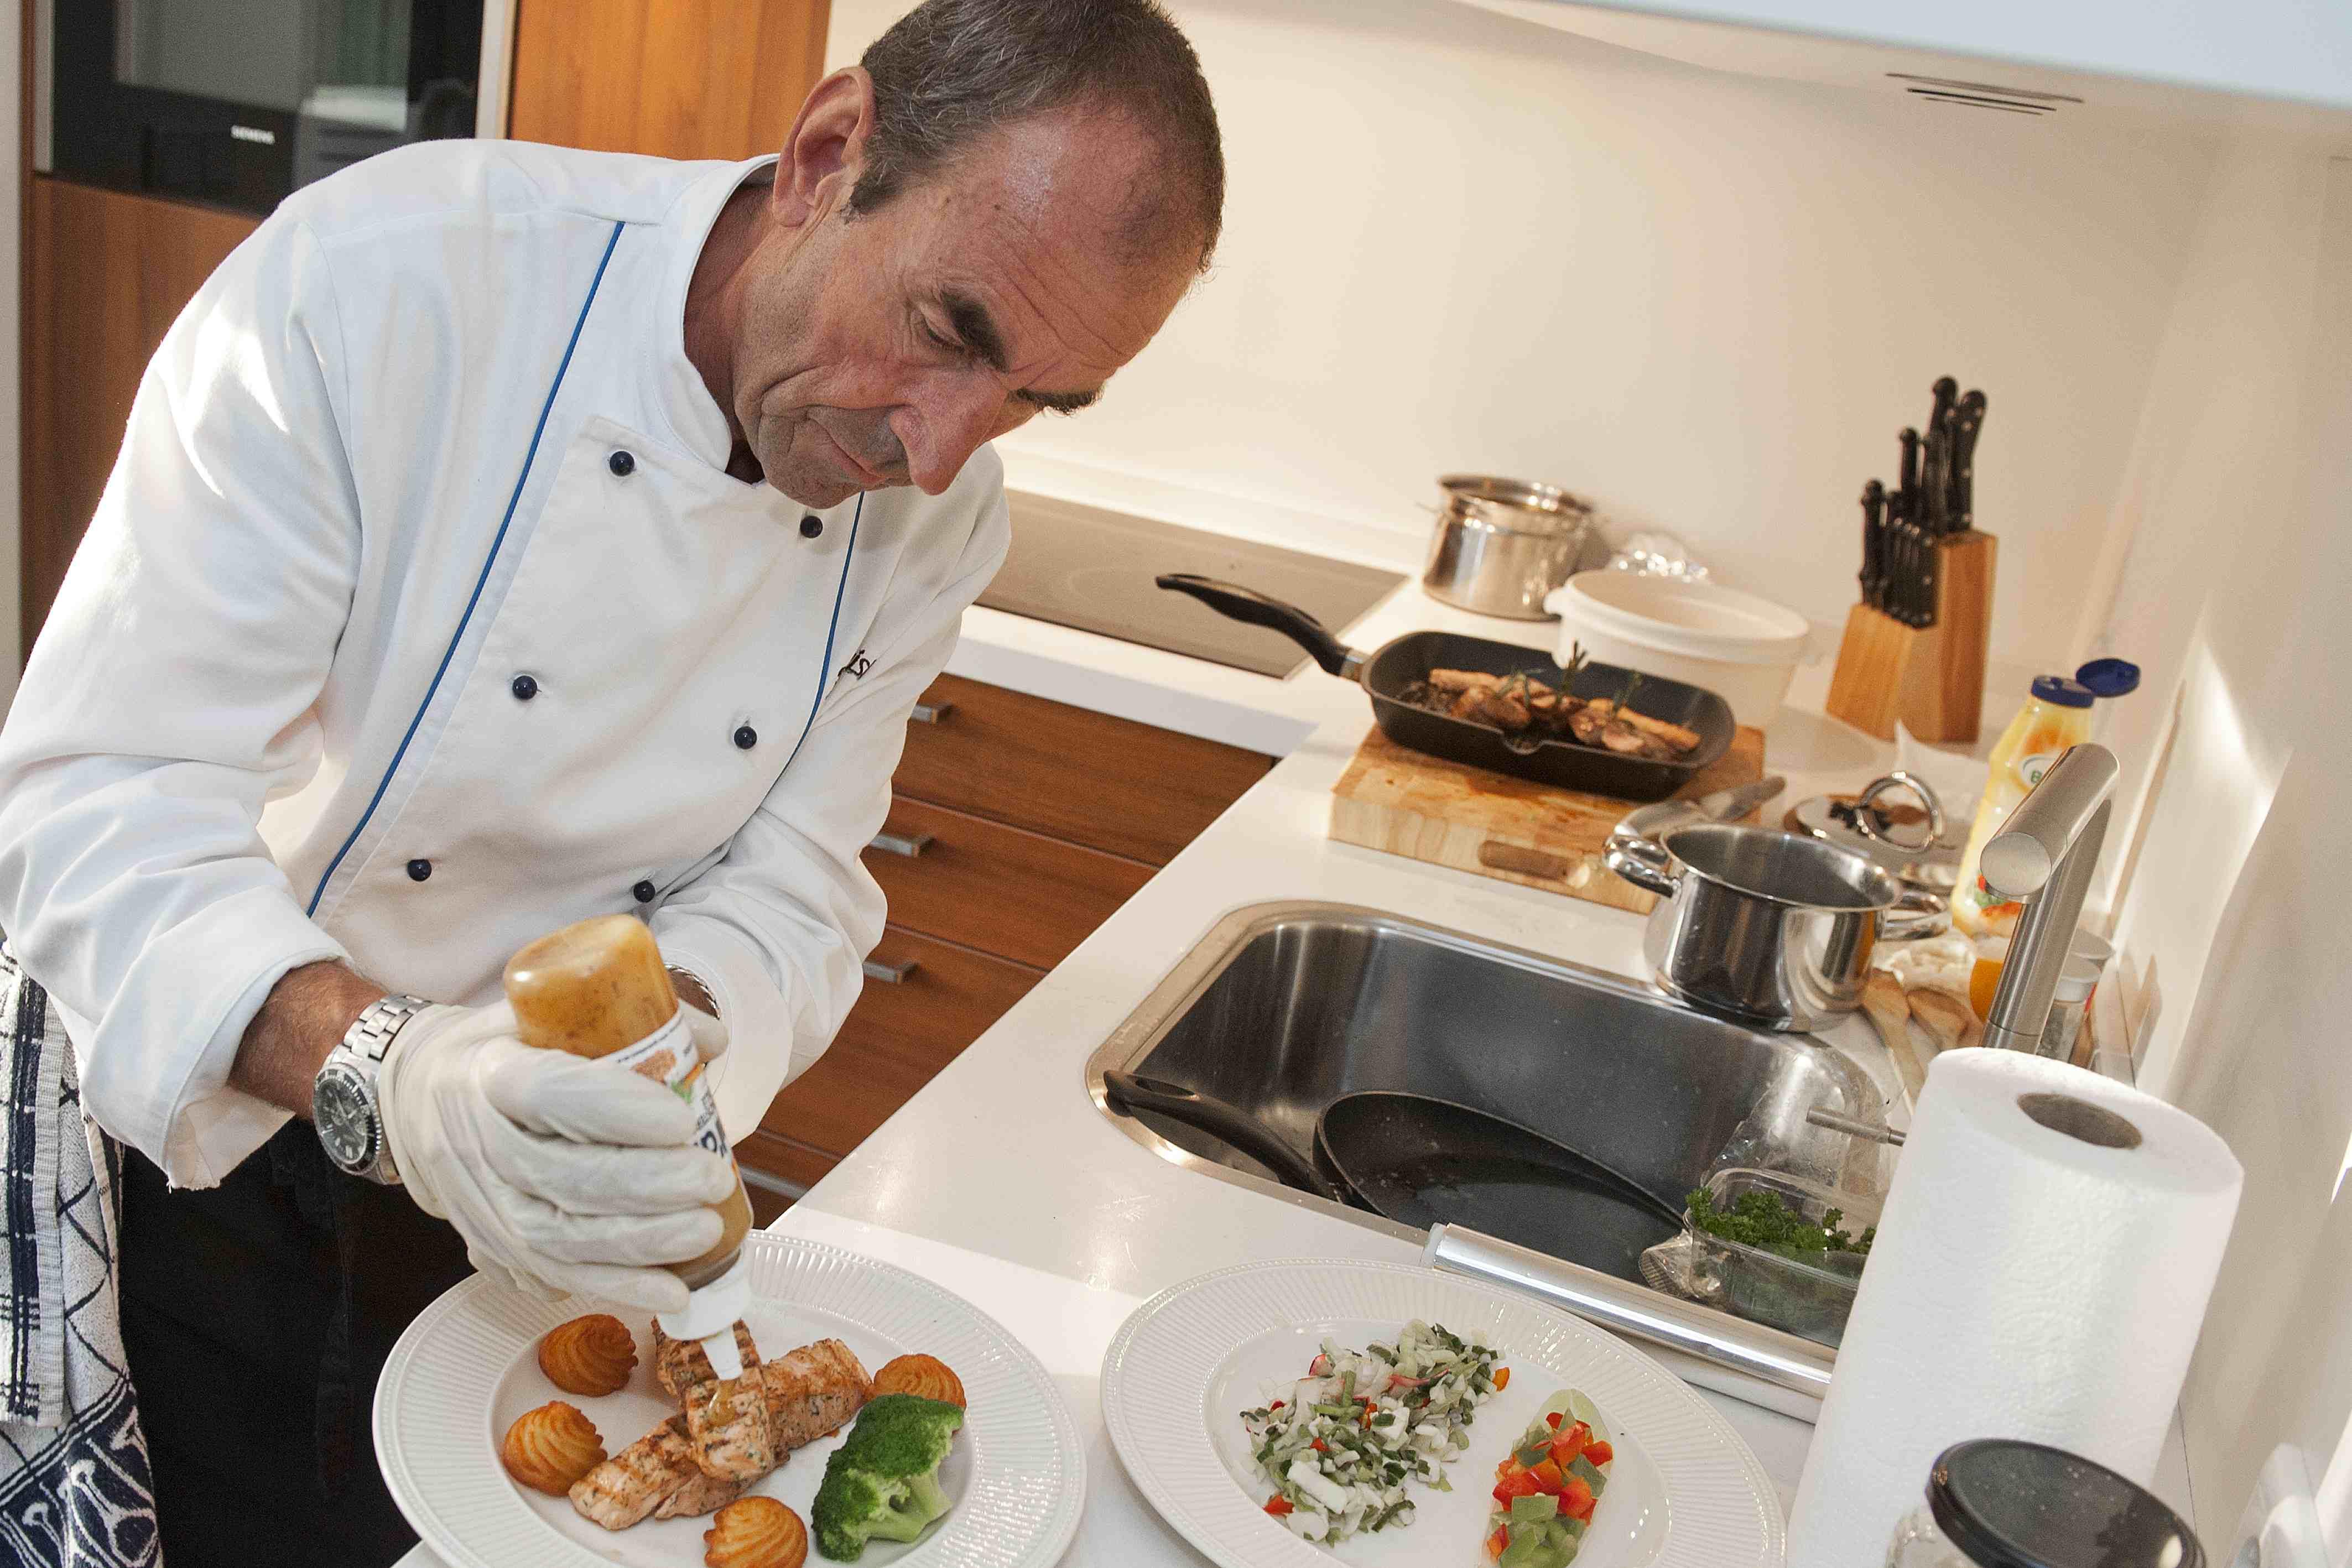 Thuiskok Paul Happel verzorgt  een heerlijk diner aan huis